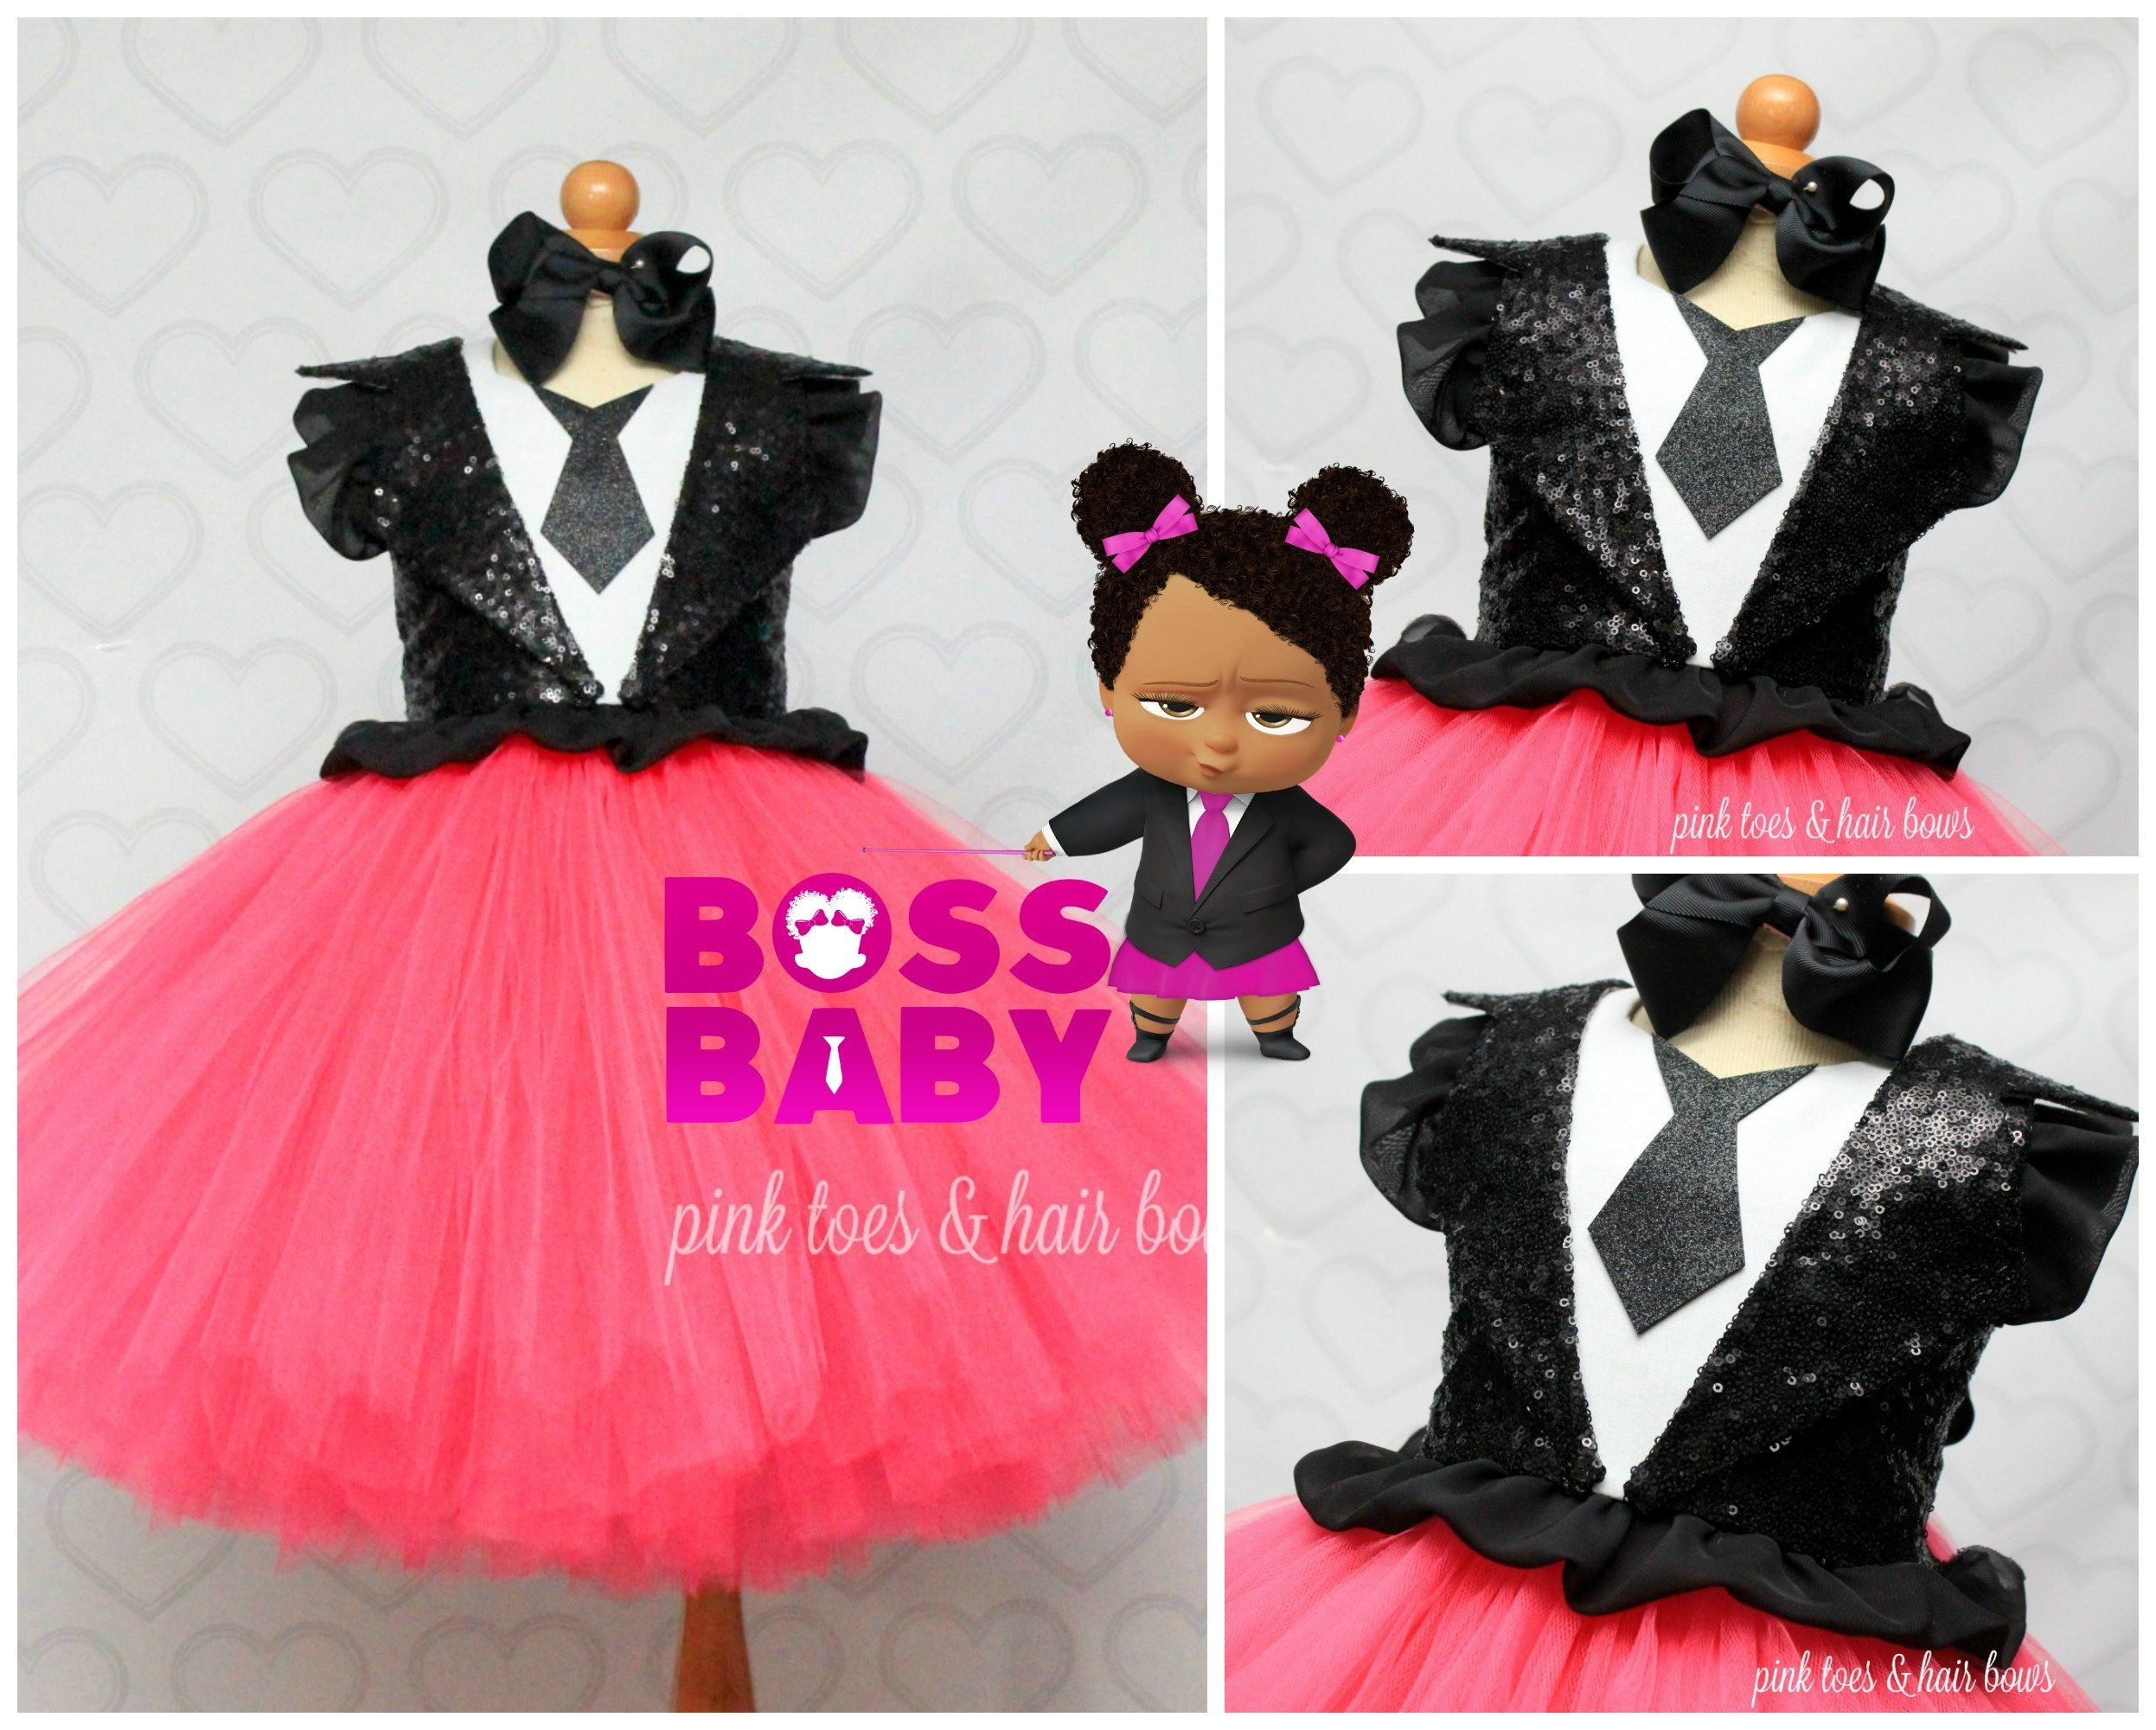 Boss baby dressboss baby tutu setboss baby outfitboss